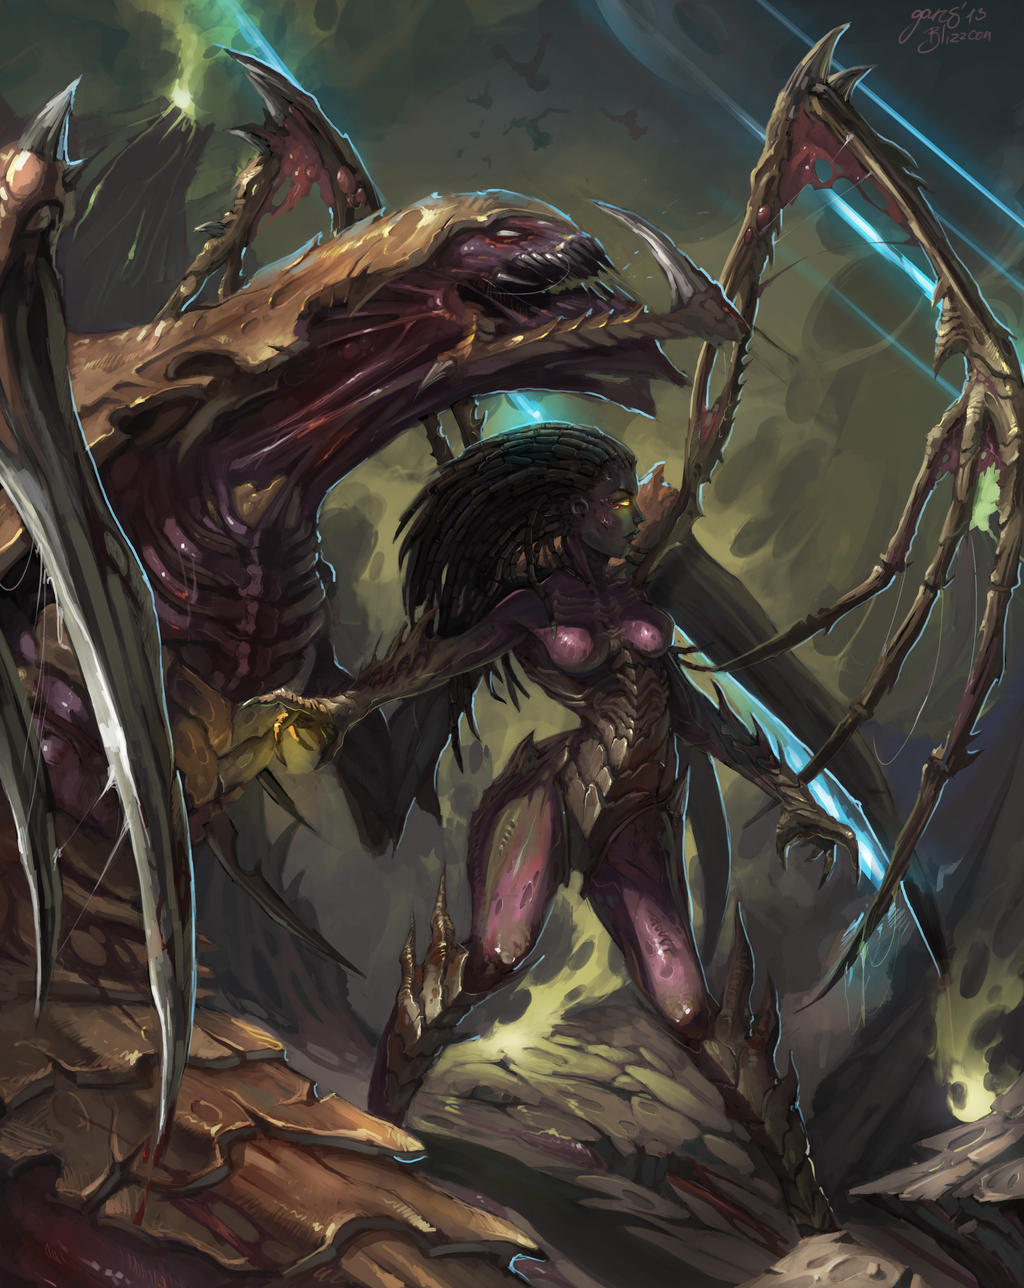 Queen of Blades by GansOne89